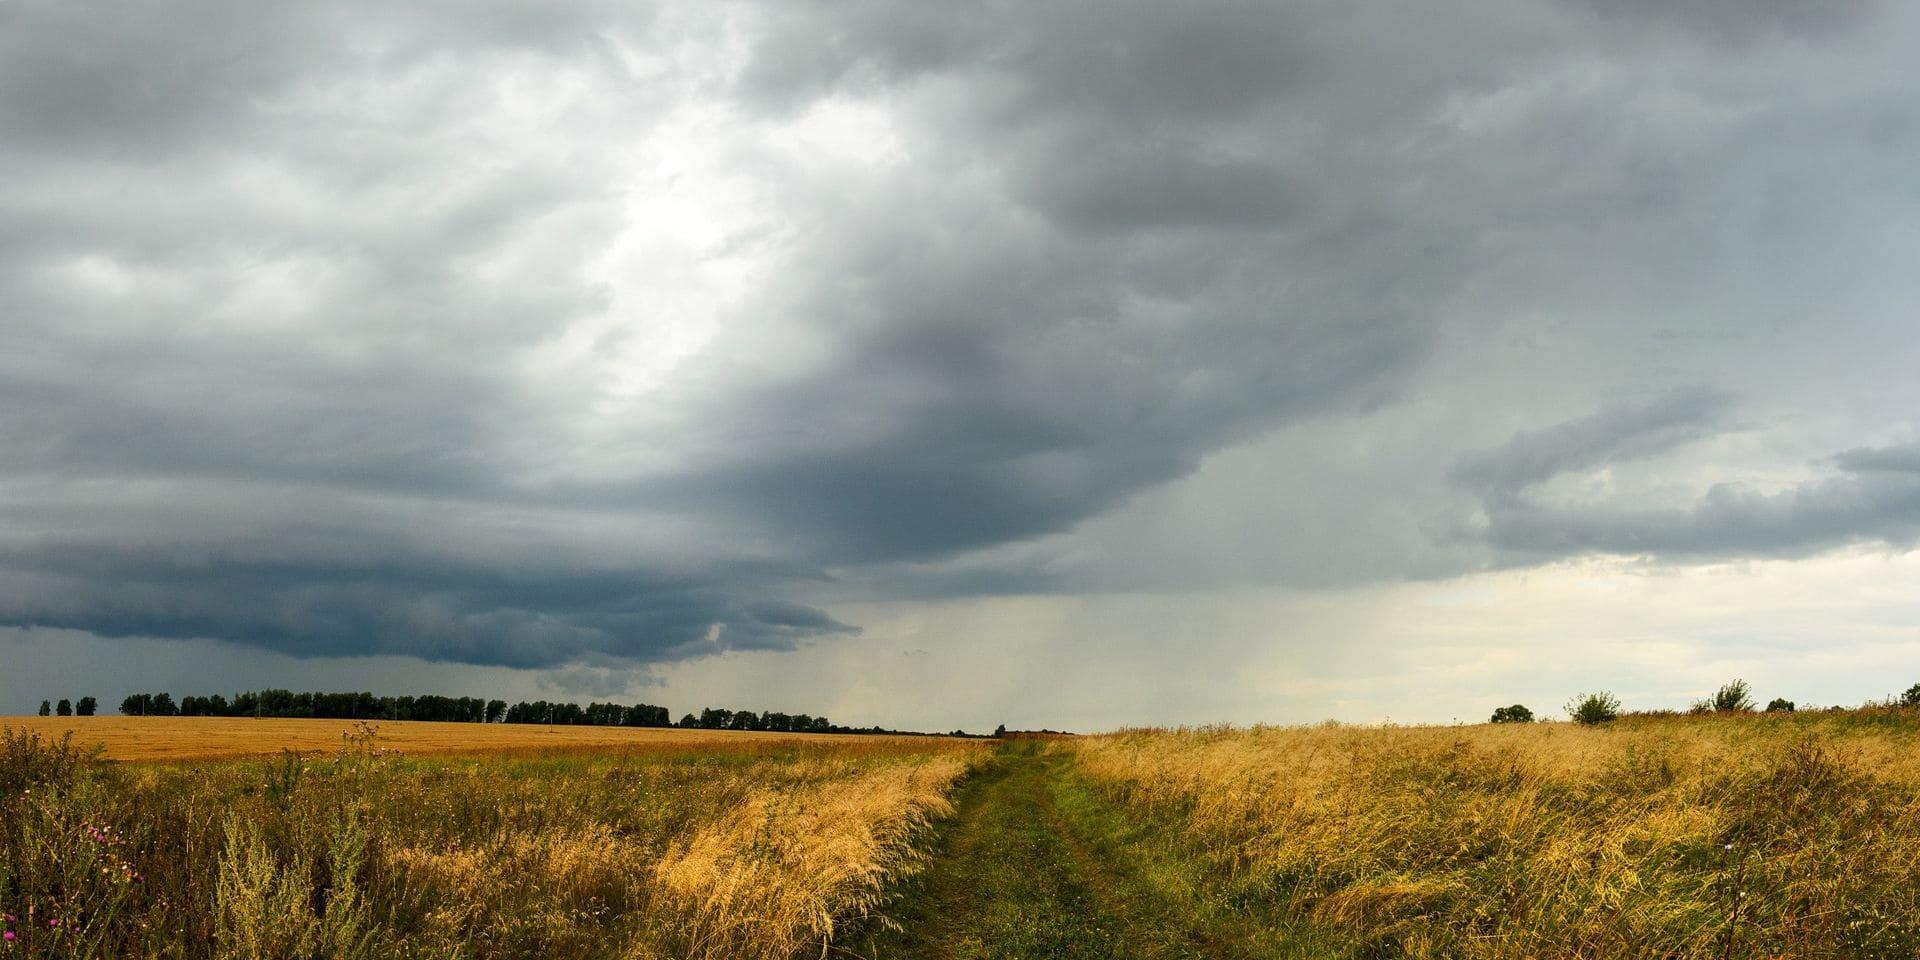 Météo: un mercredi au sec et sous les nuages mais ponctué d'éclaircies